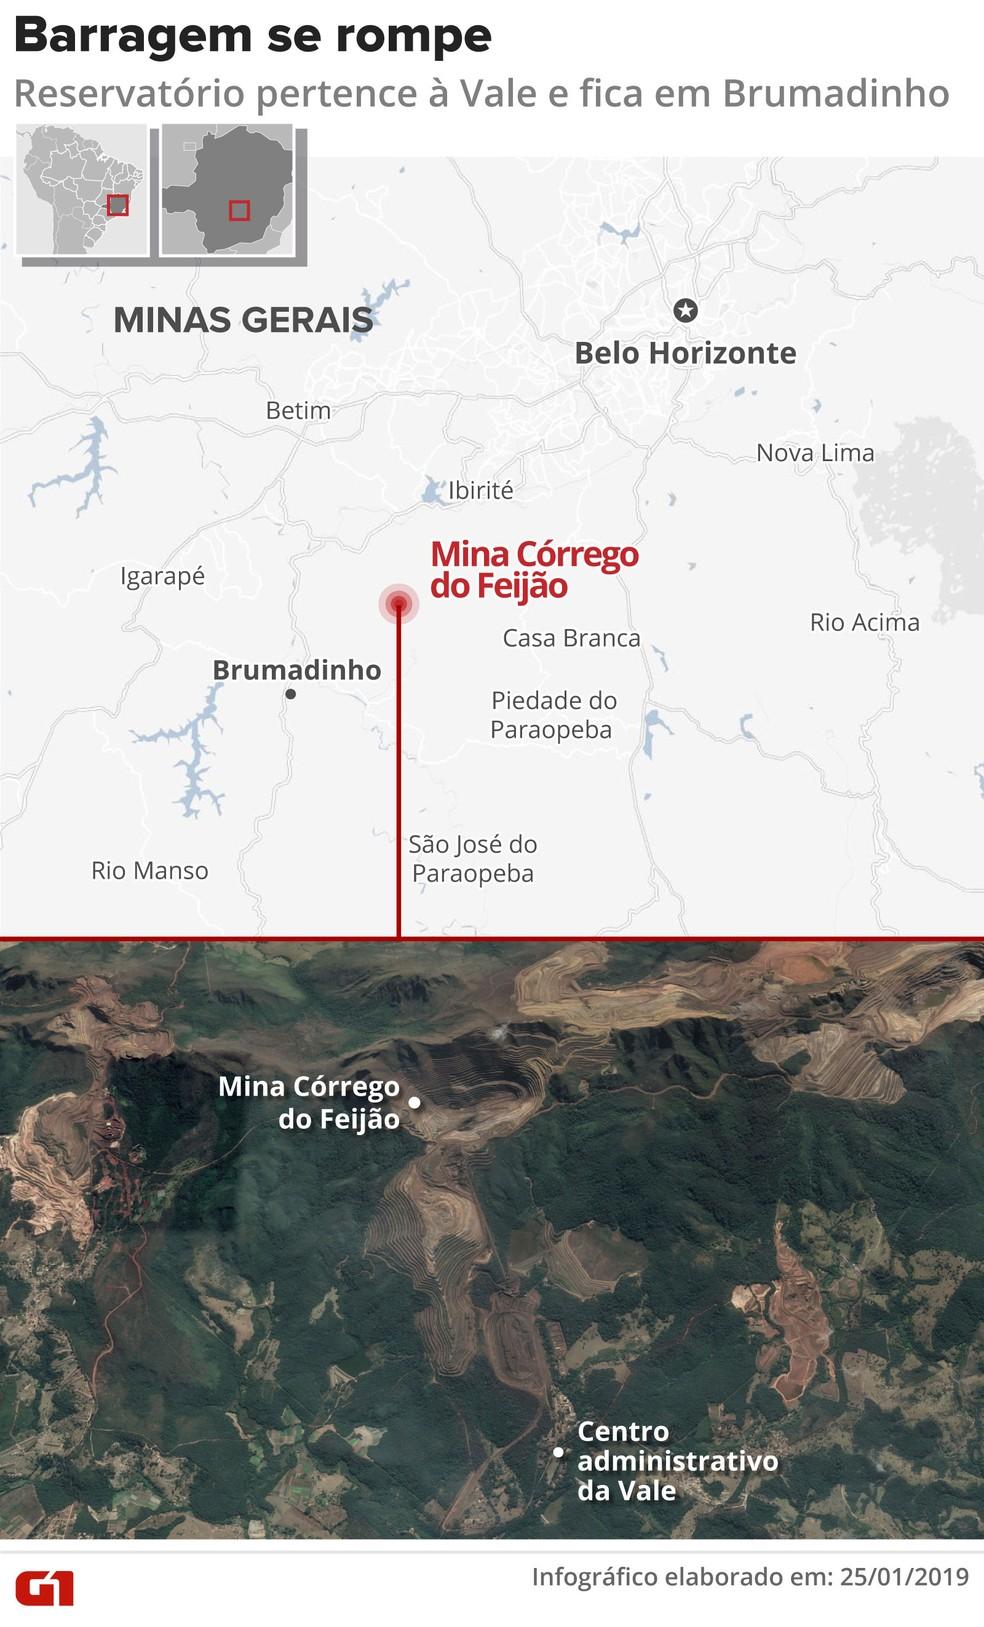 Arte - rompimento de barragem da Vale em Brumadinho — Foto: Igor Estrella/G1